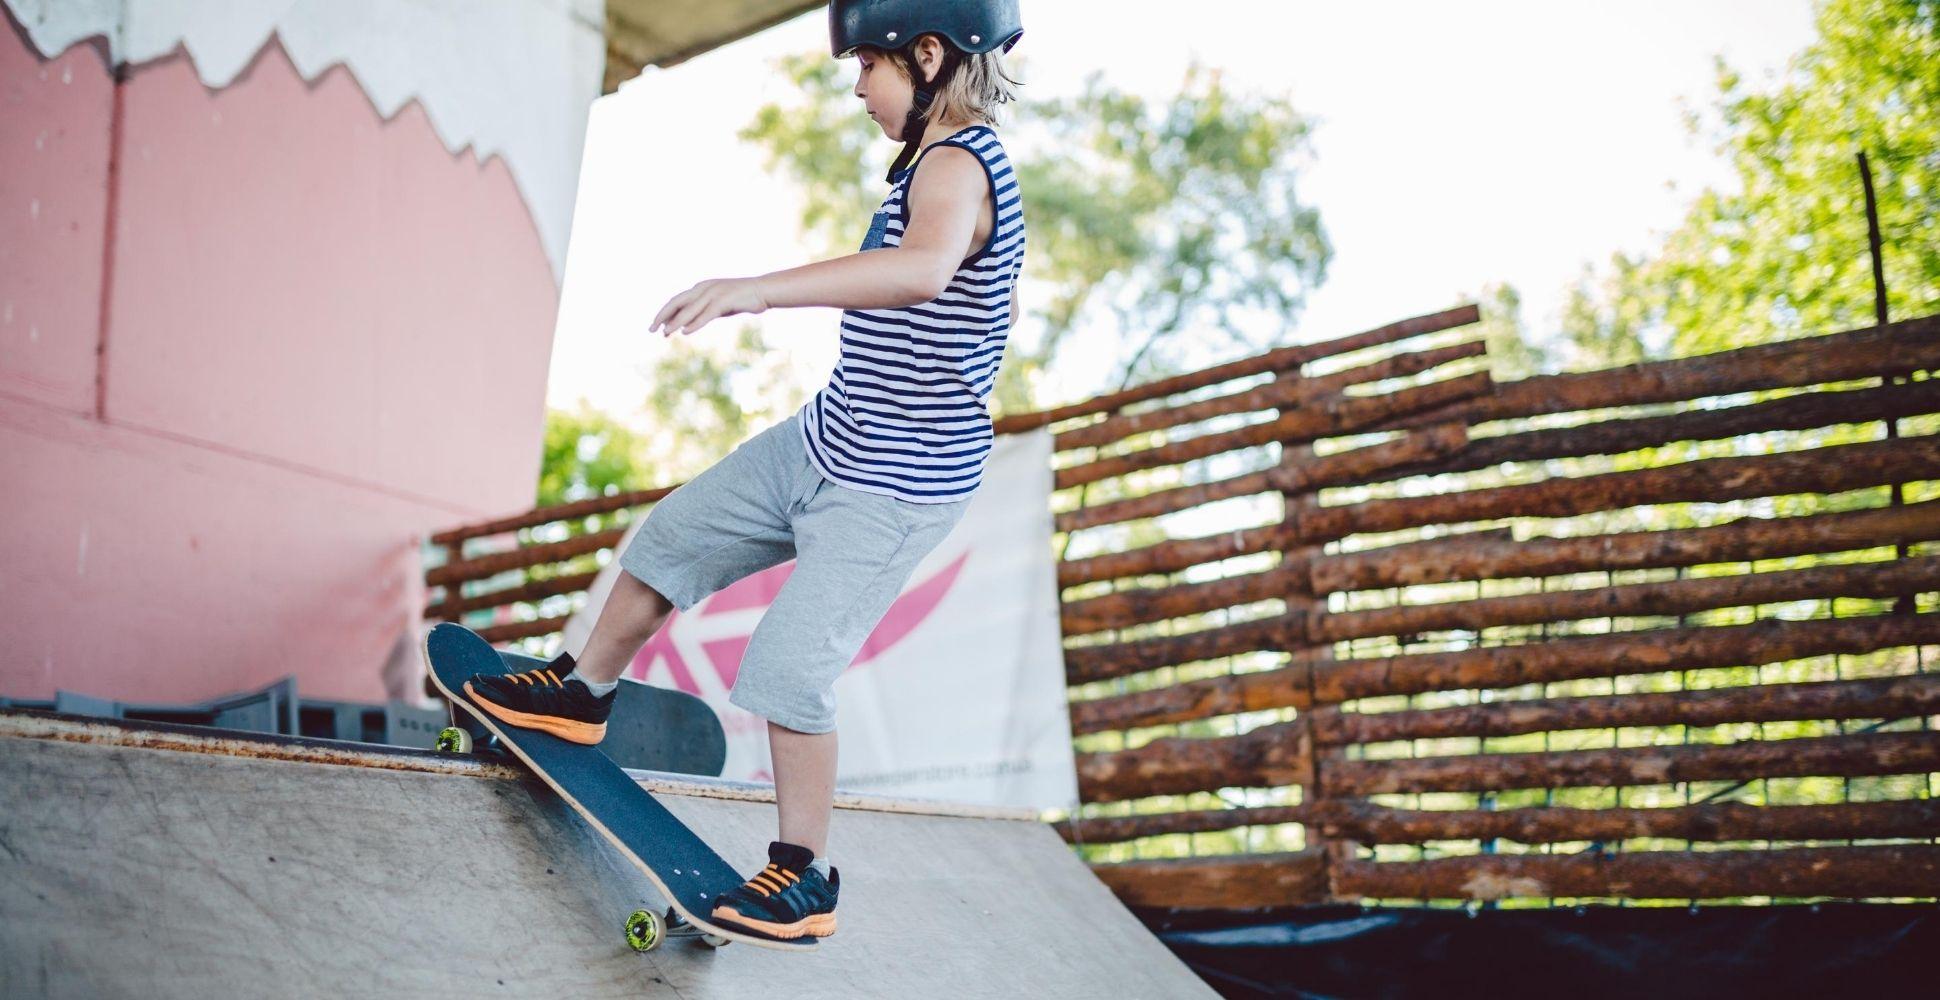 best-skateboard-ramp-for-kids